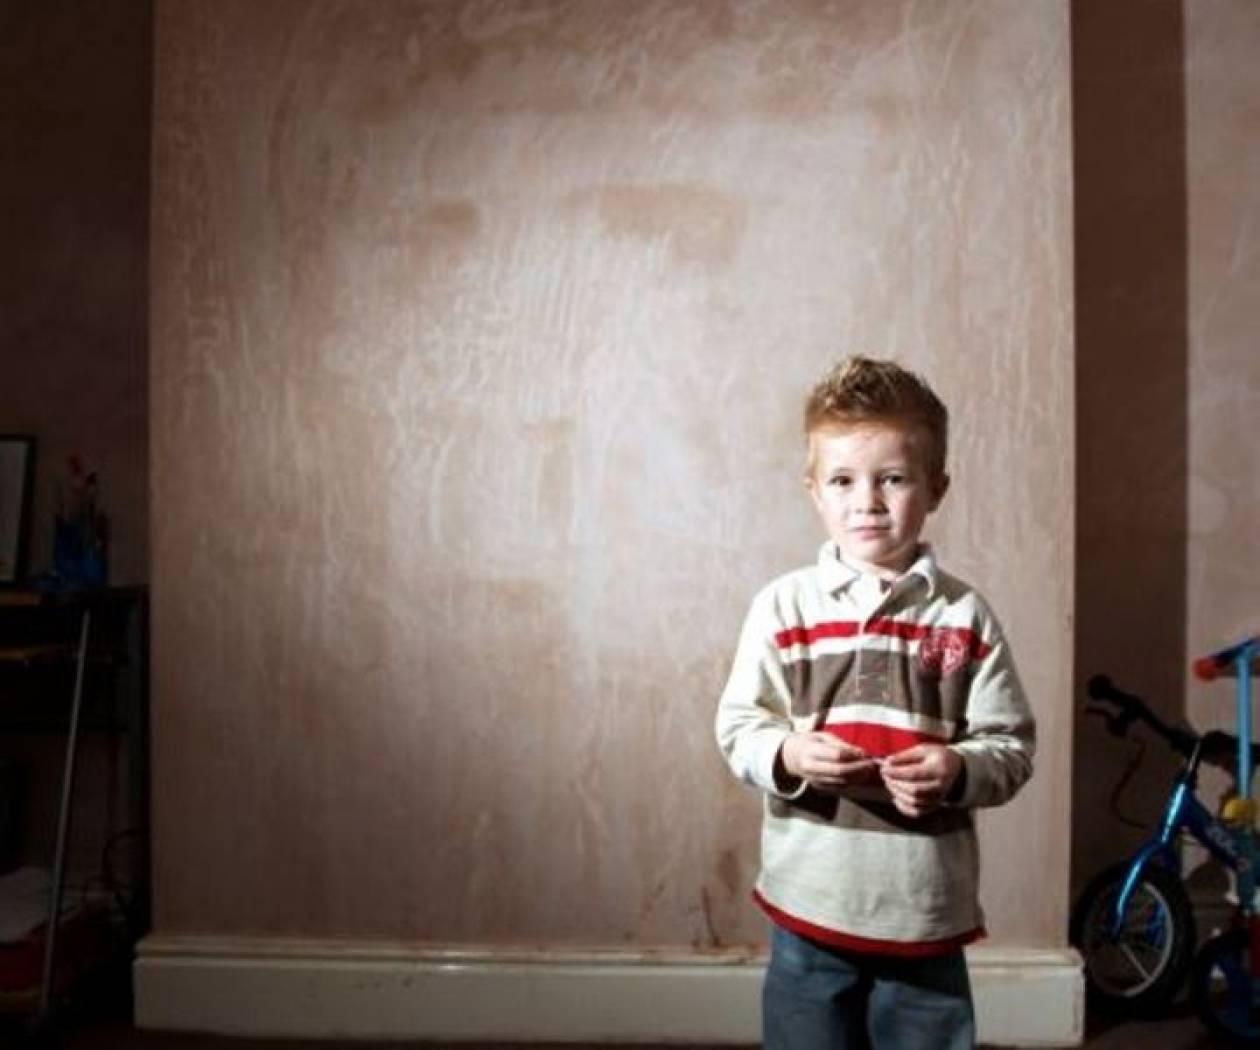 Ο «άνδρας με το γκρι δέρμα» στοιχειώνει 5χρονο αγόρι